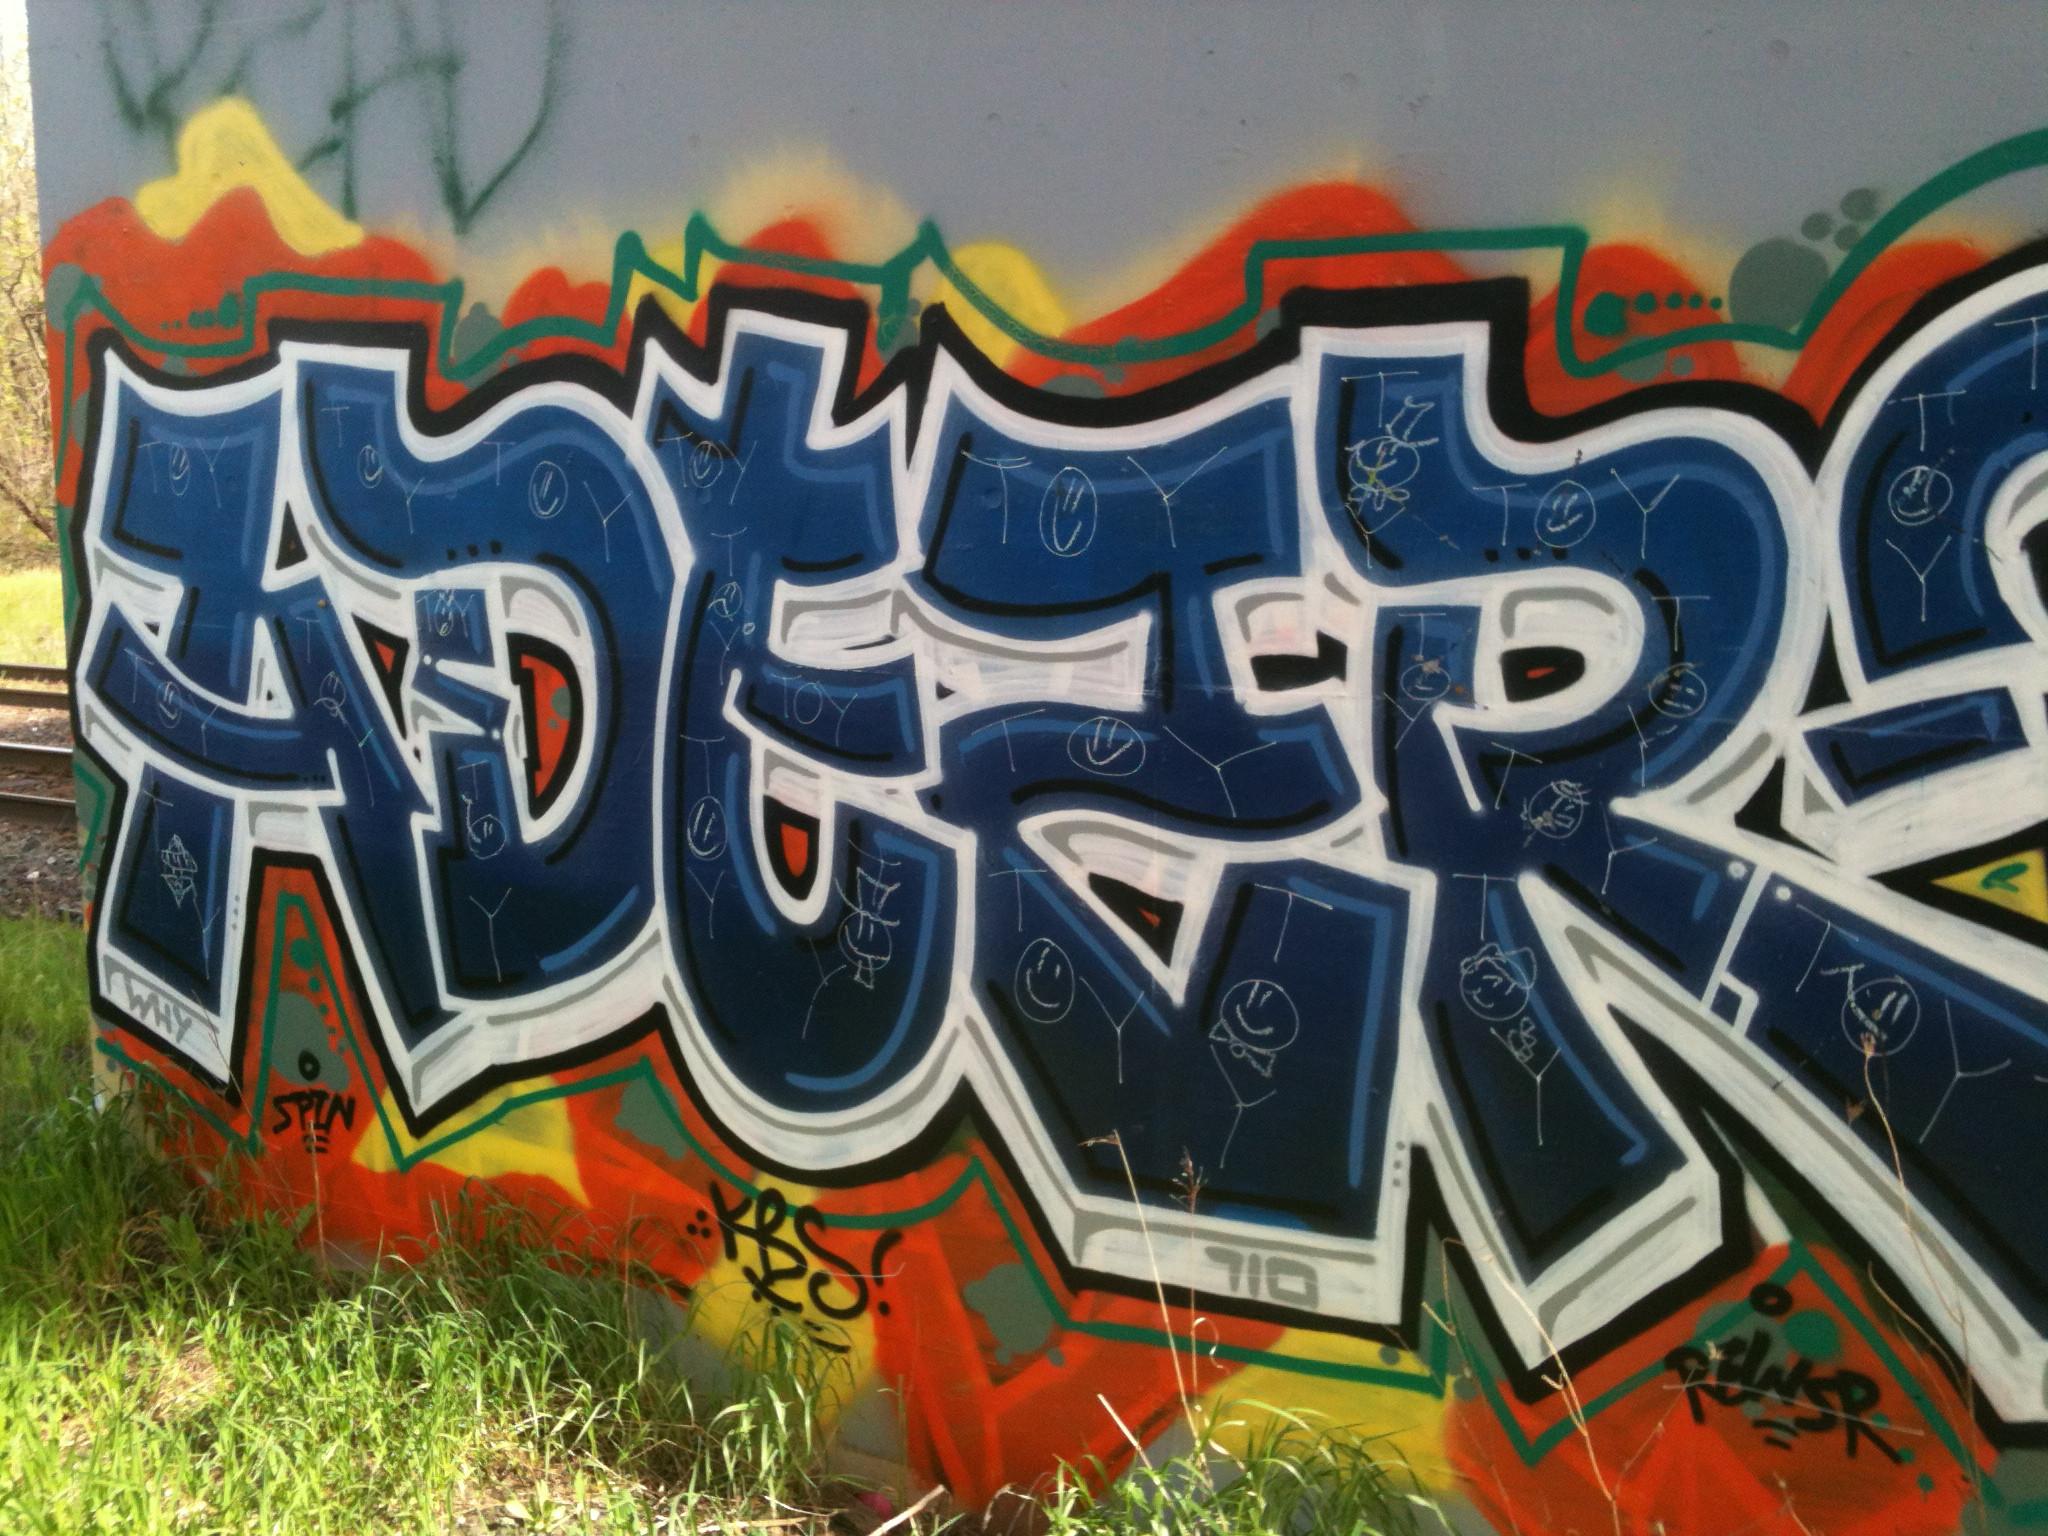 ai.imgur.com_vXE5znL.jpg